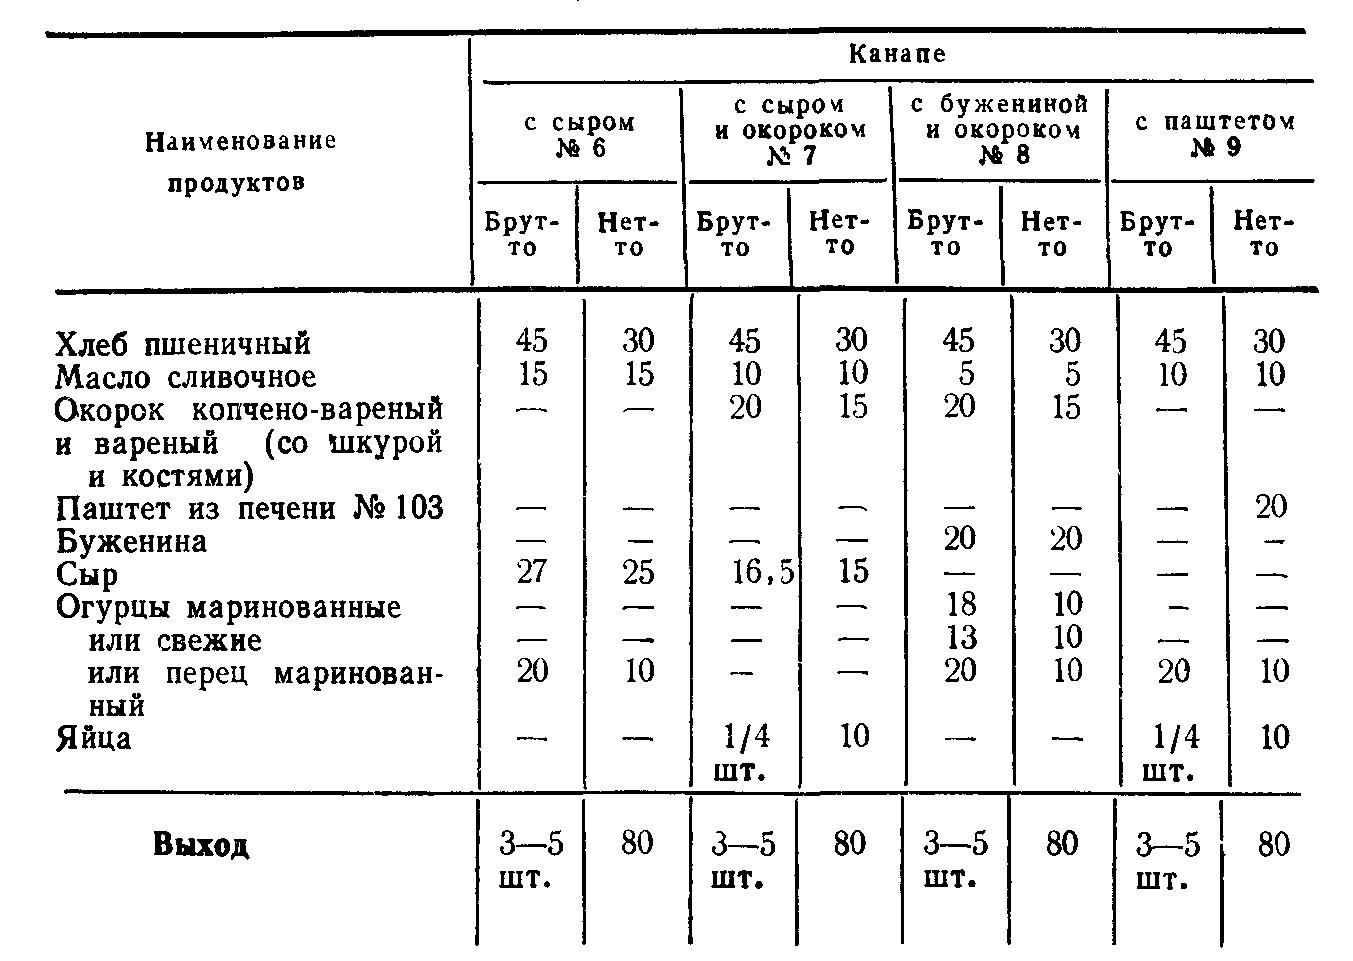 Канапе с мясными гастрономическими изделиями и сыром (ТТК5392)